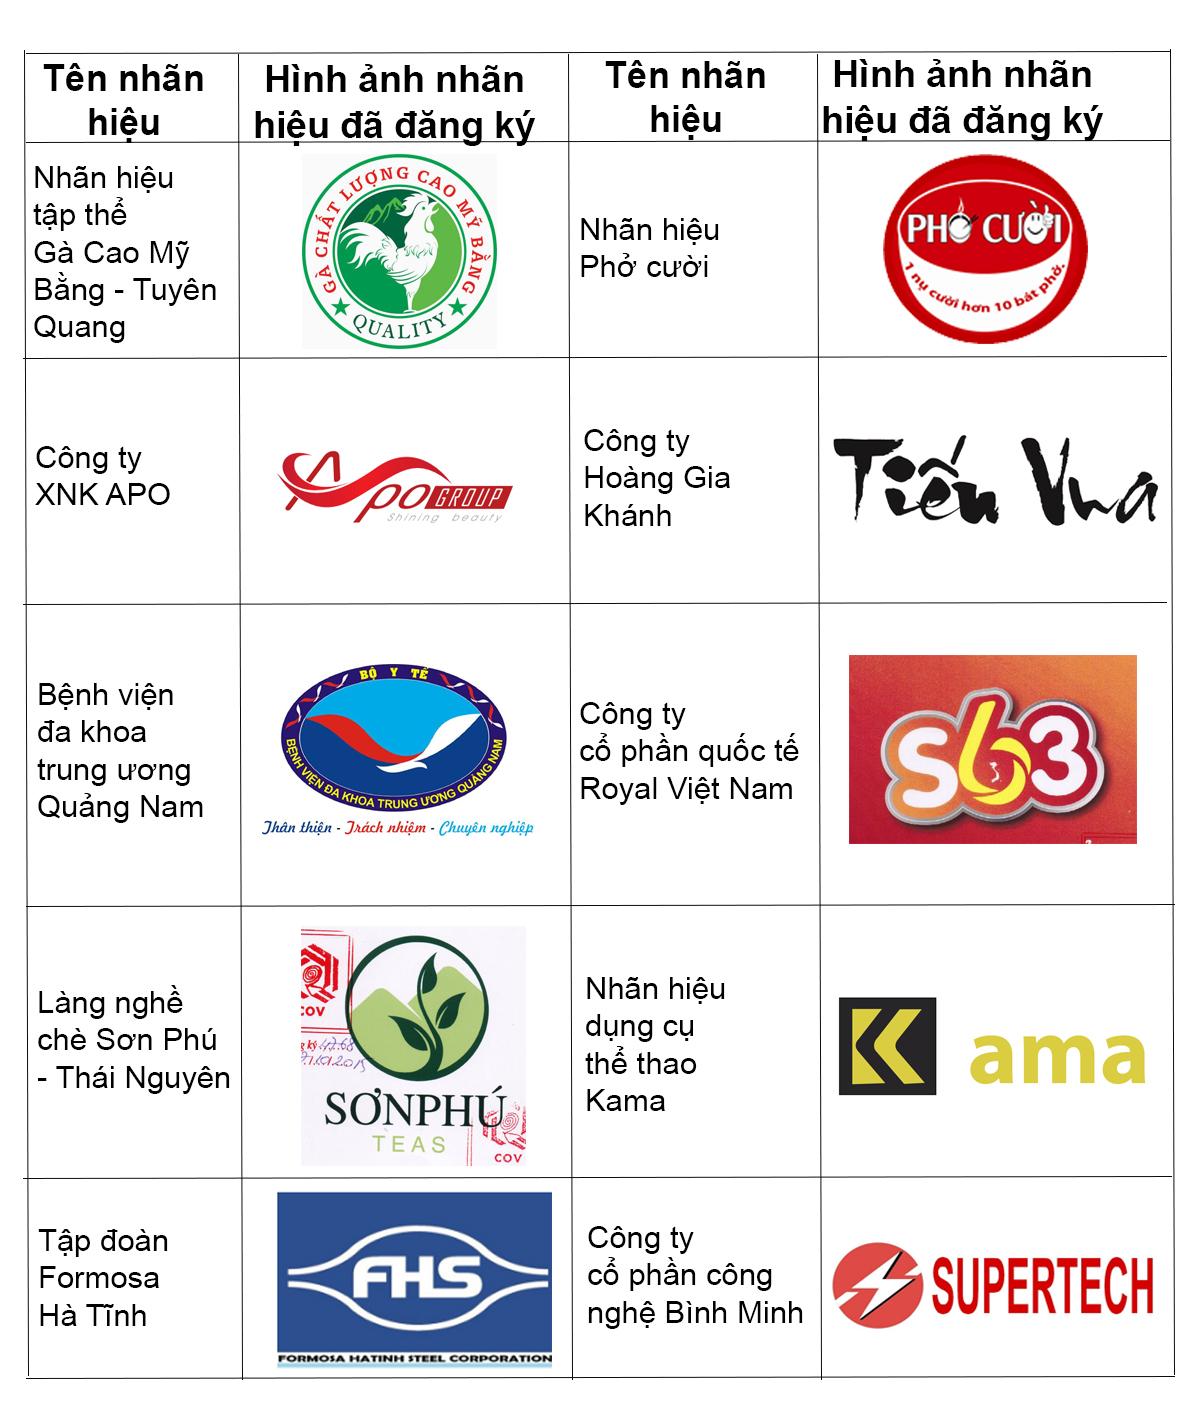 Các Mẫu nhãn hiệu đăng ký sản phẩm